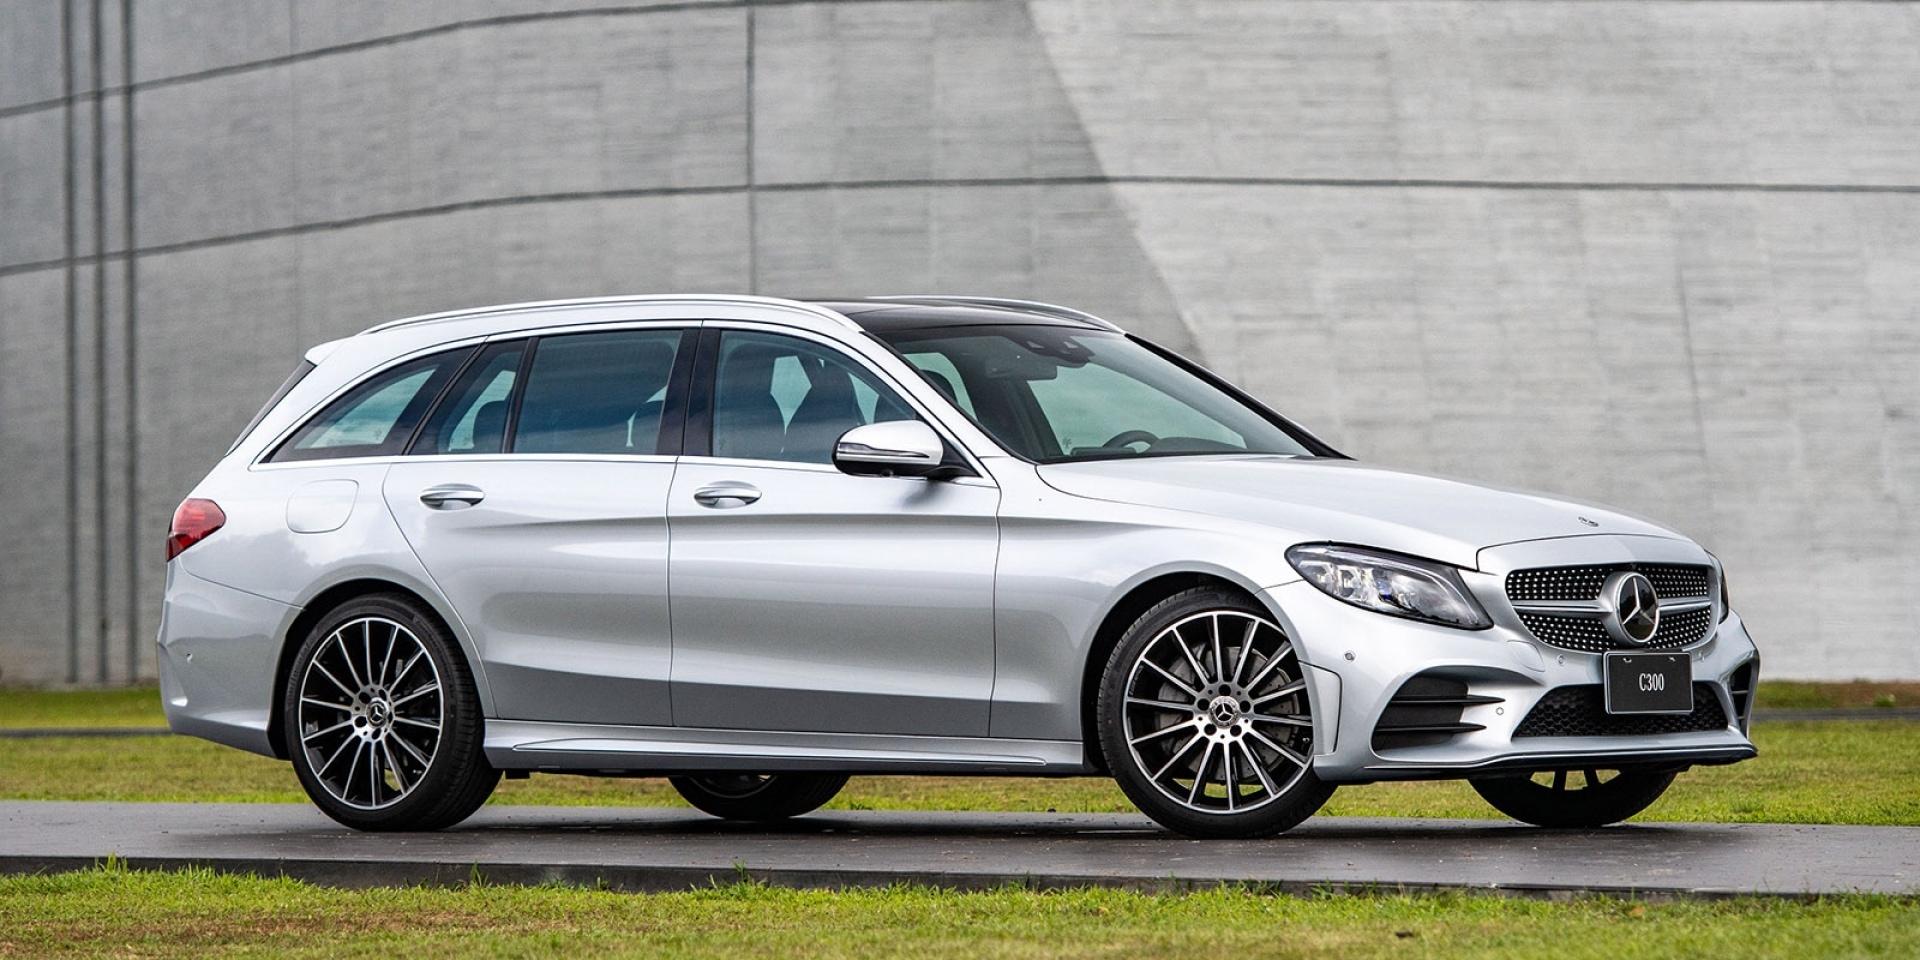 官方新聞稿。Mercedes-Benz The new C-Class 運動外觀 x 豪華座艙 x 智慧配備 正 19 年式 「進化版」 全面有感升級